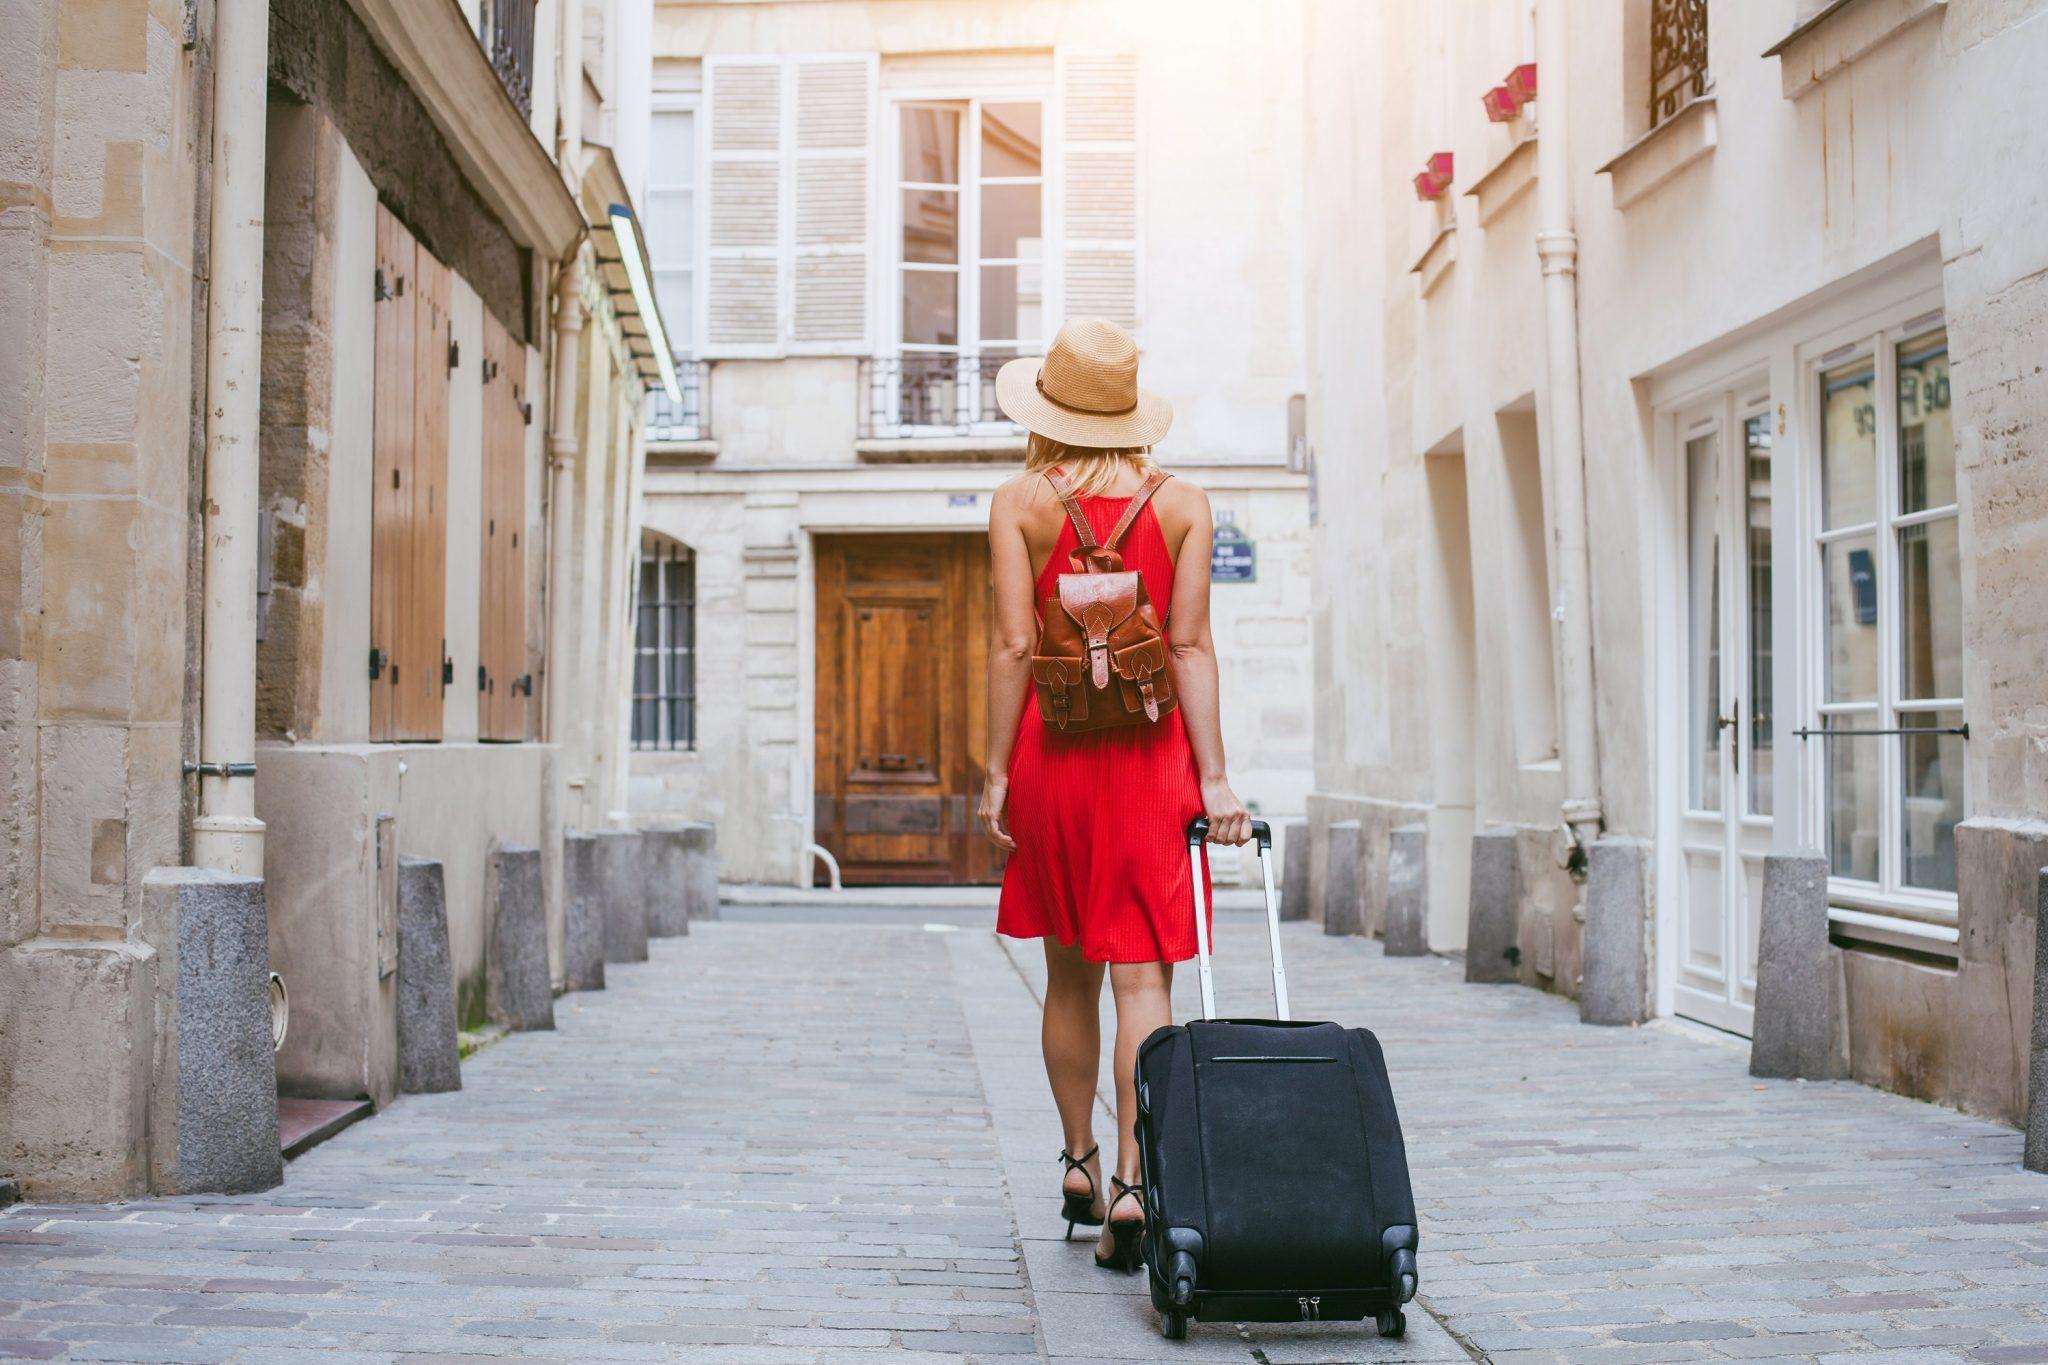 Una turista camina por las calles de Barcelona con su maleta. Foto: SiteMinder